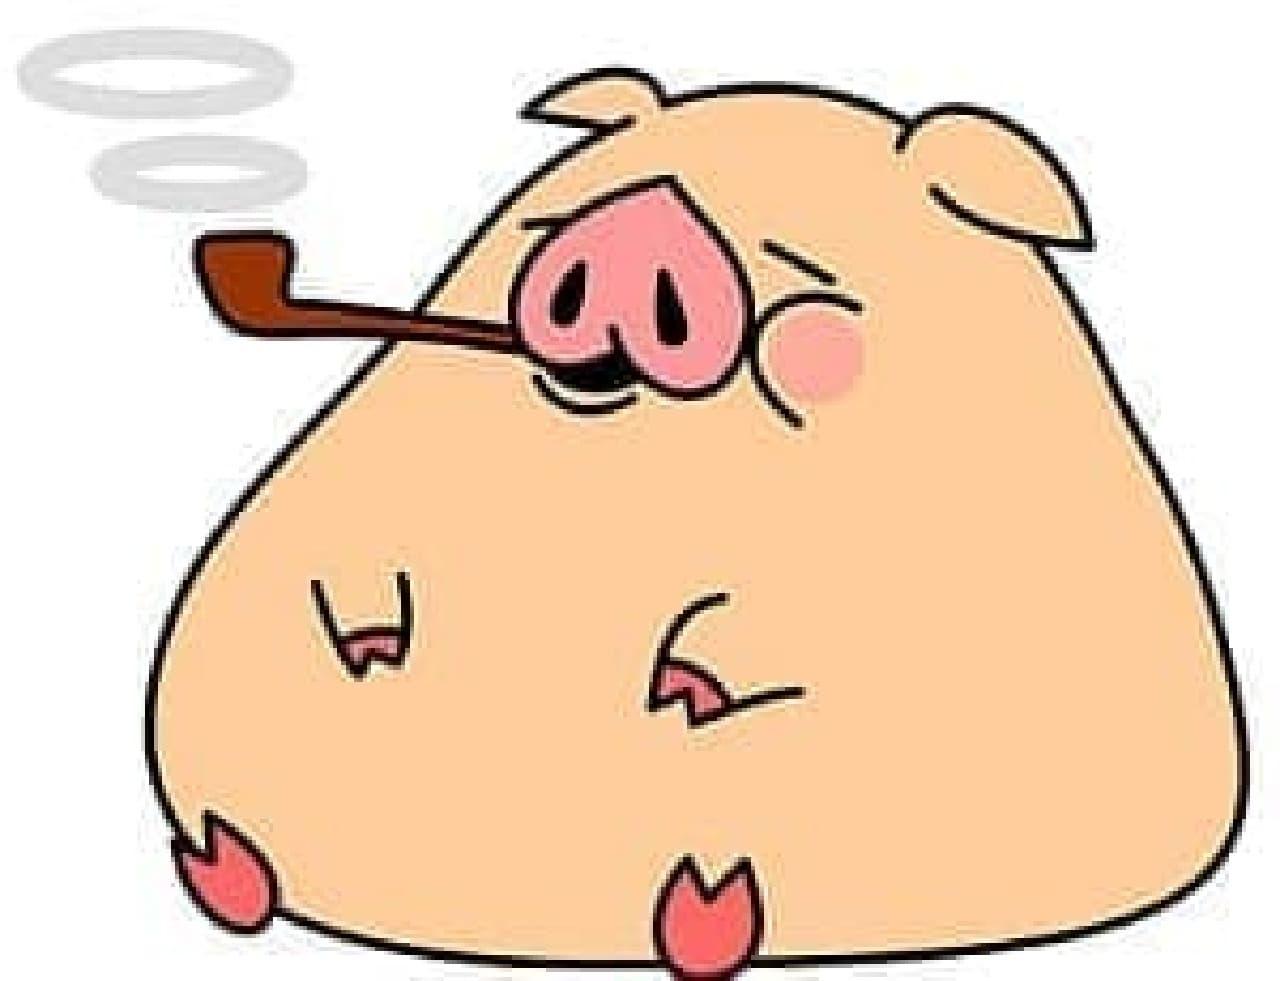 豚はマリファナを吸引したわけではない